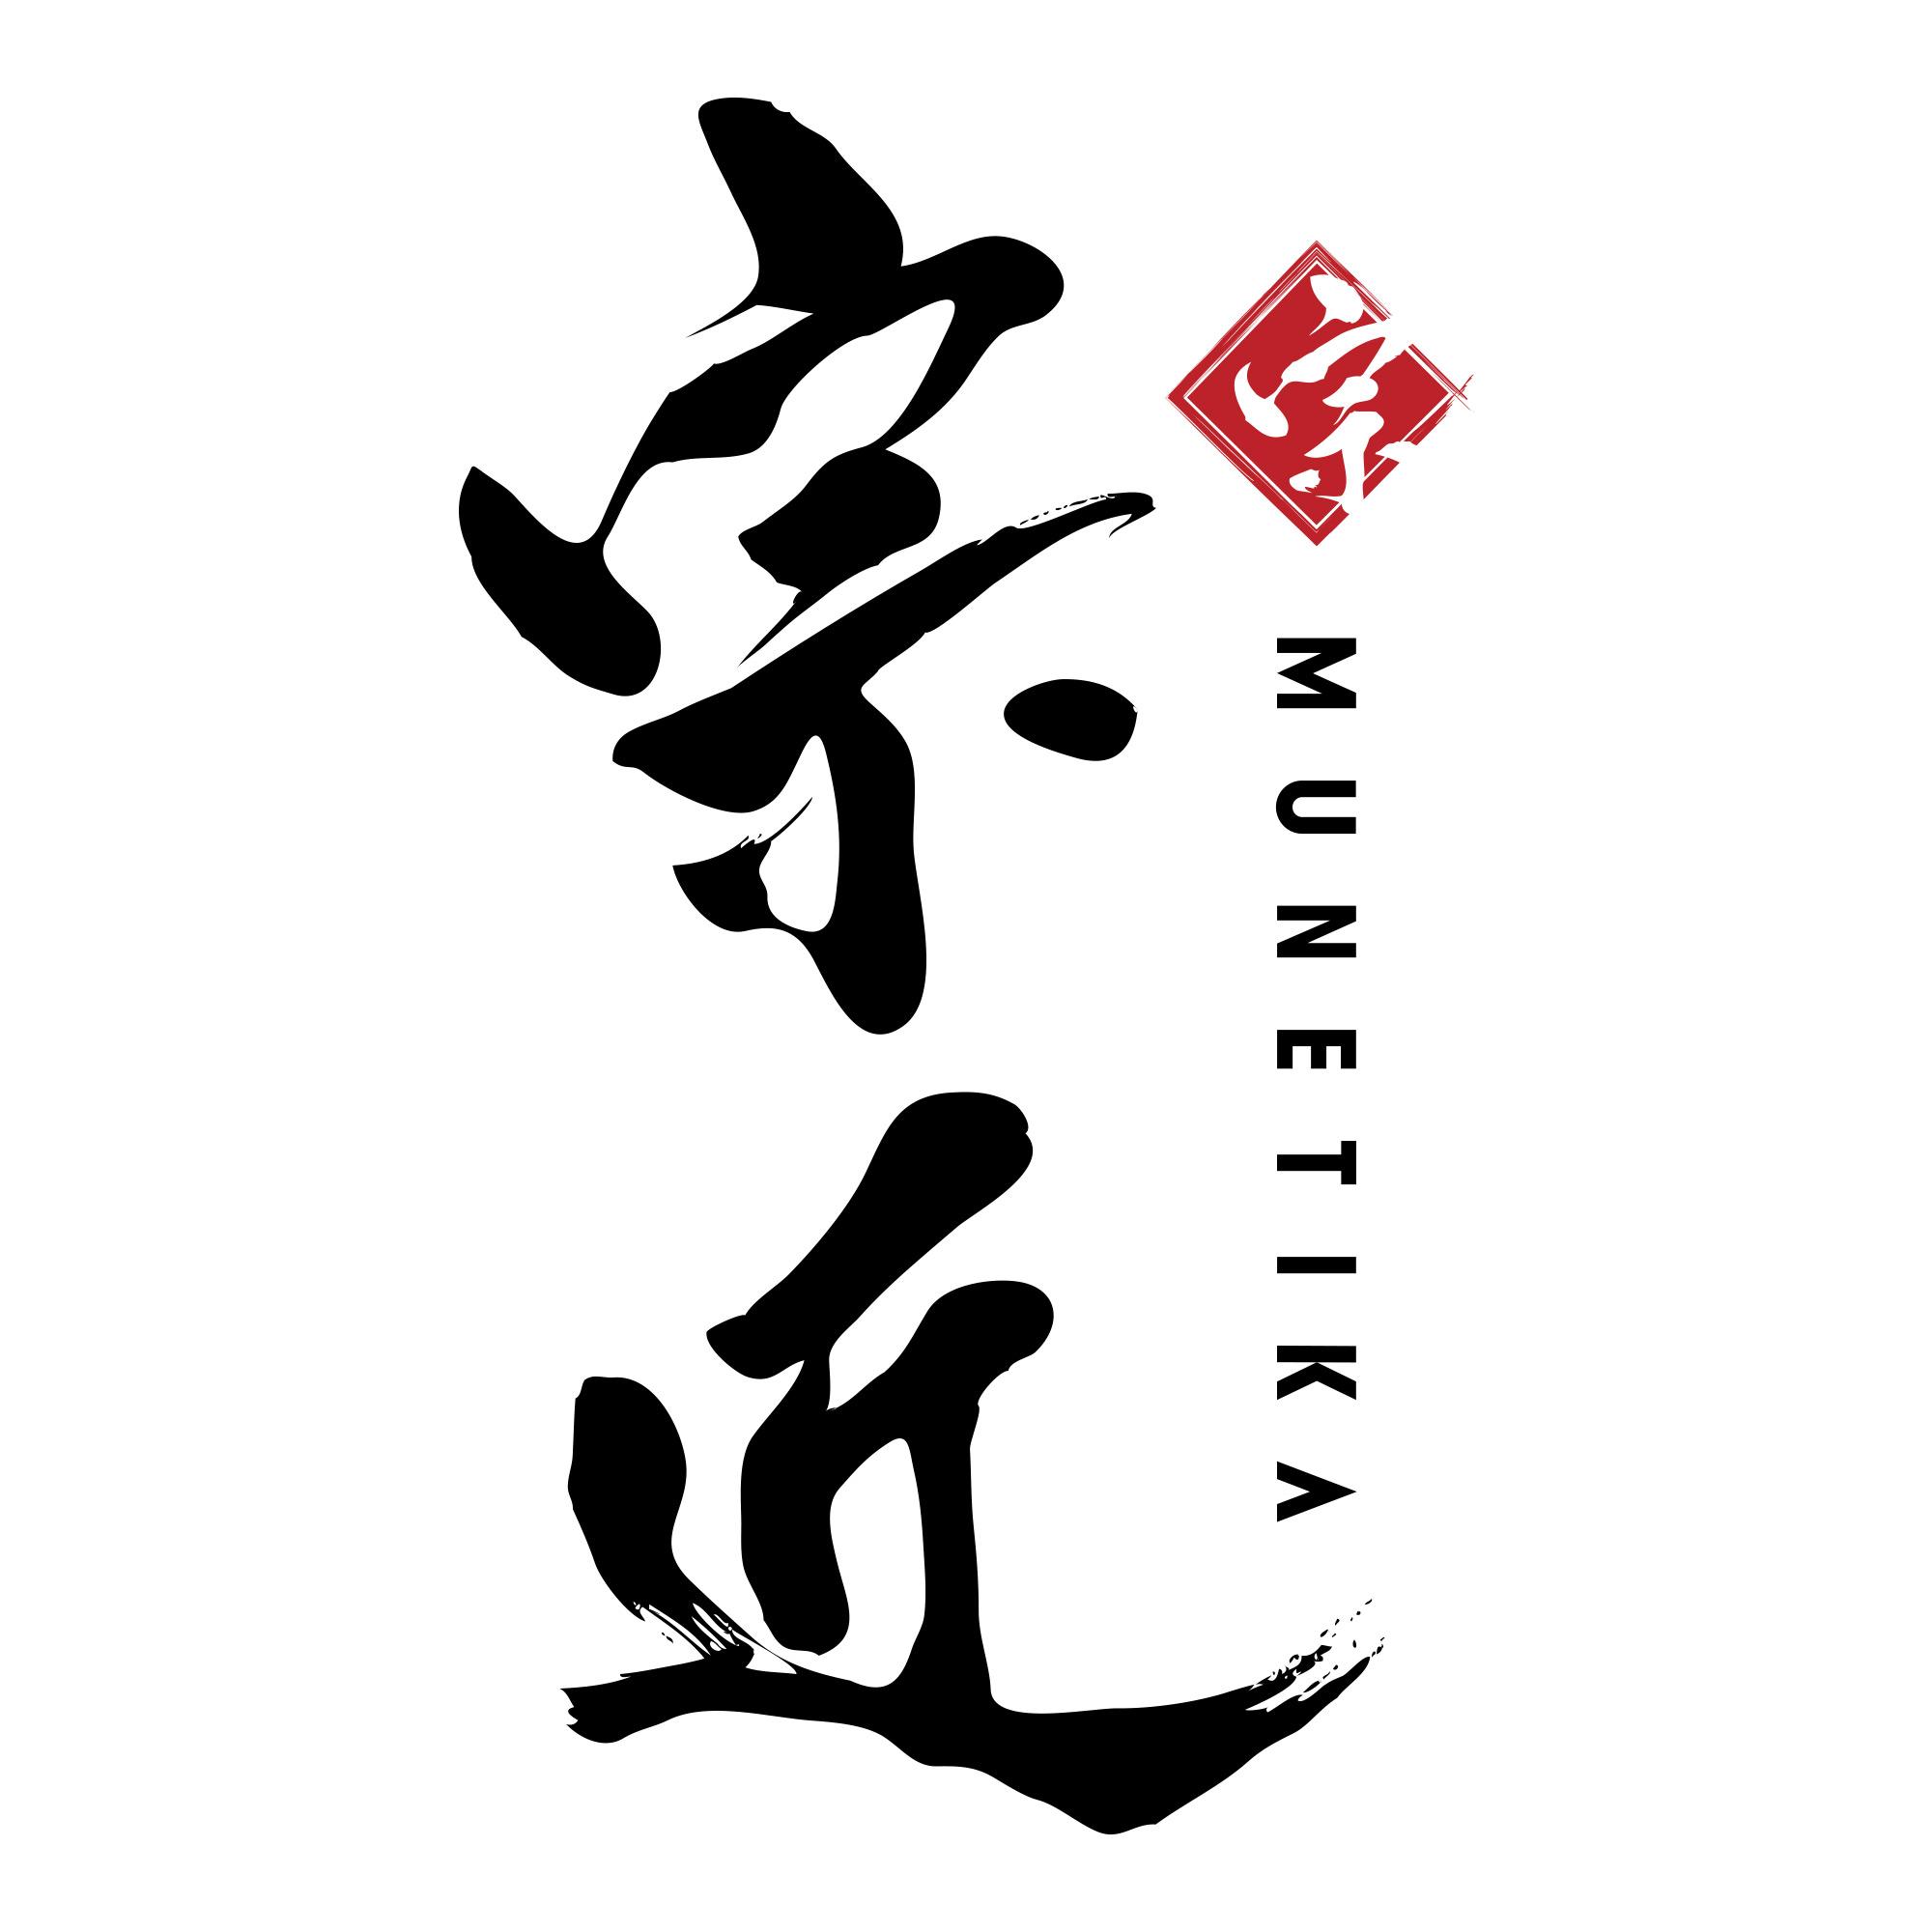 株式会社 宗近ロゴ